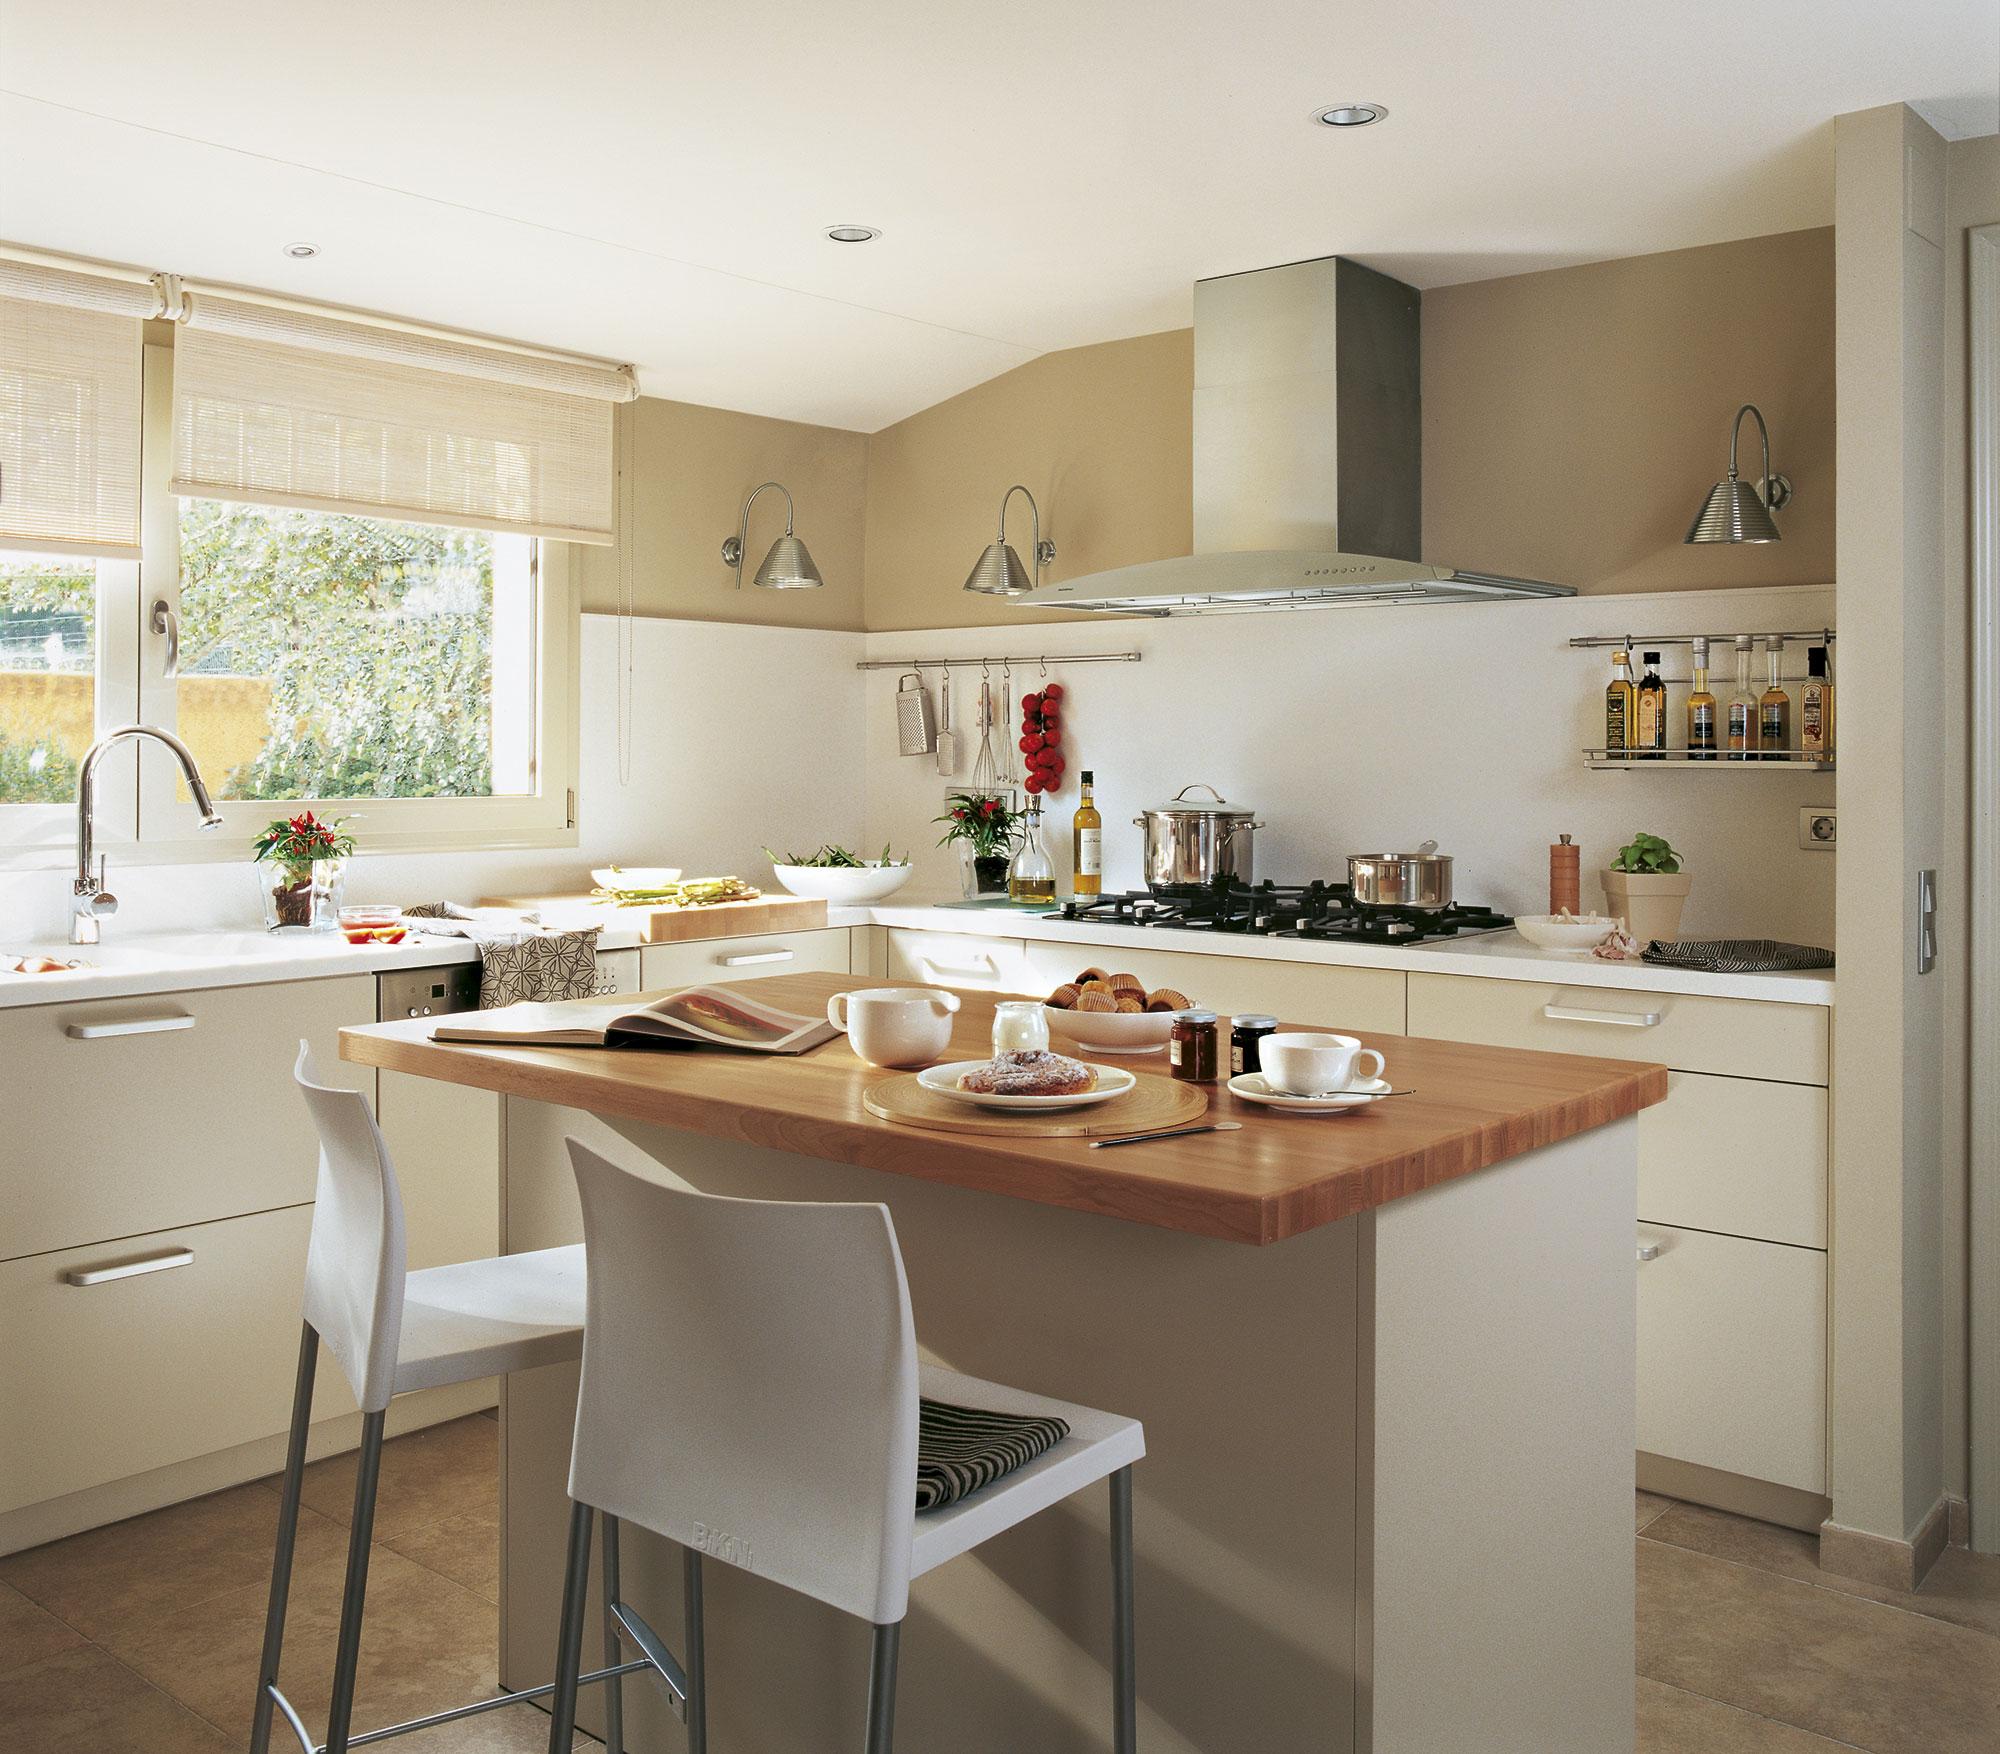 Dise o de una cocina con barra de desayuno for Imagenes de decoracion de cocinas